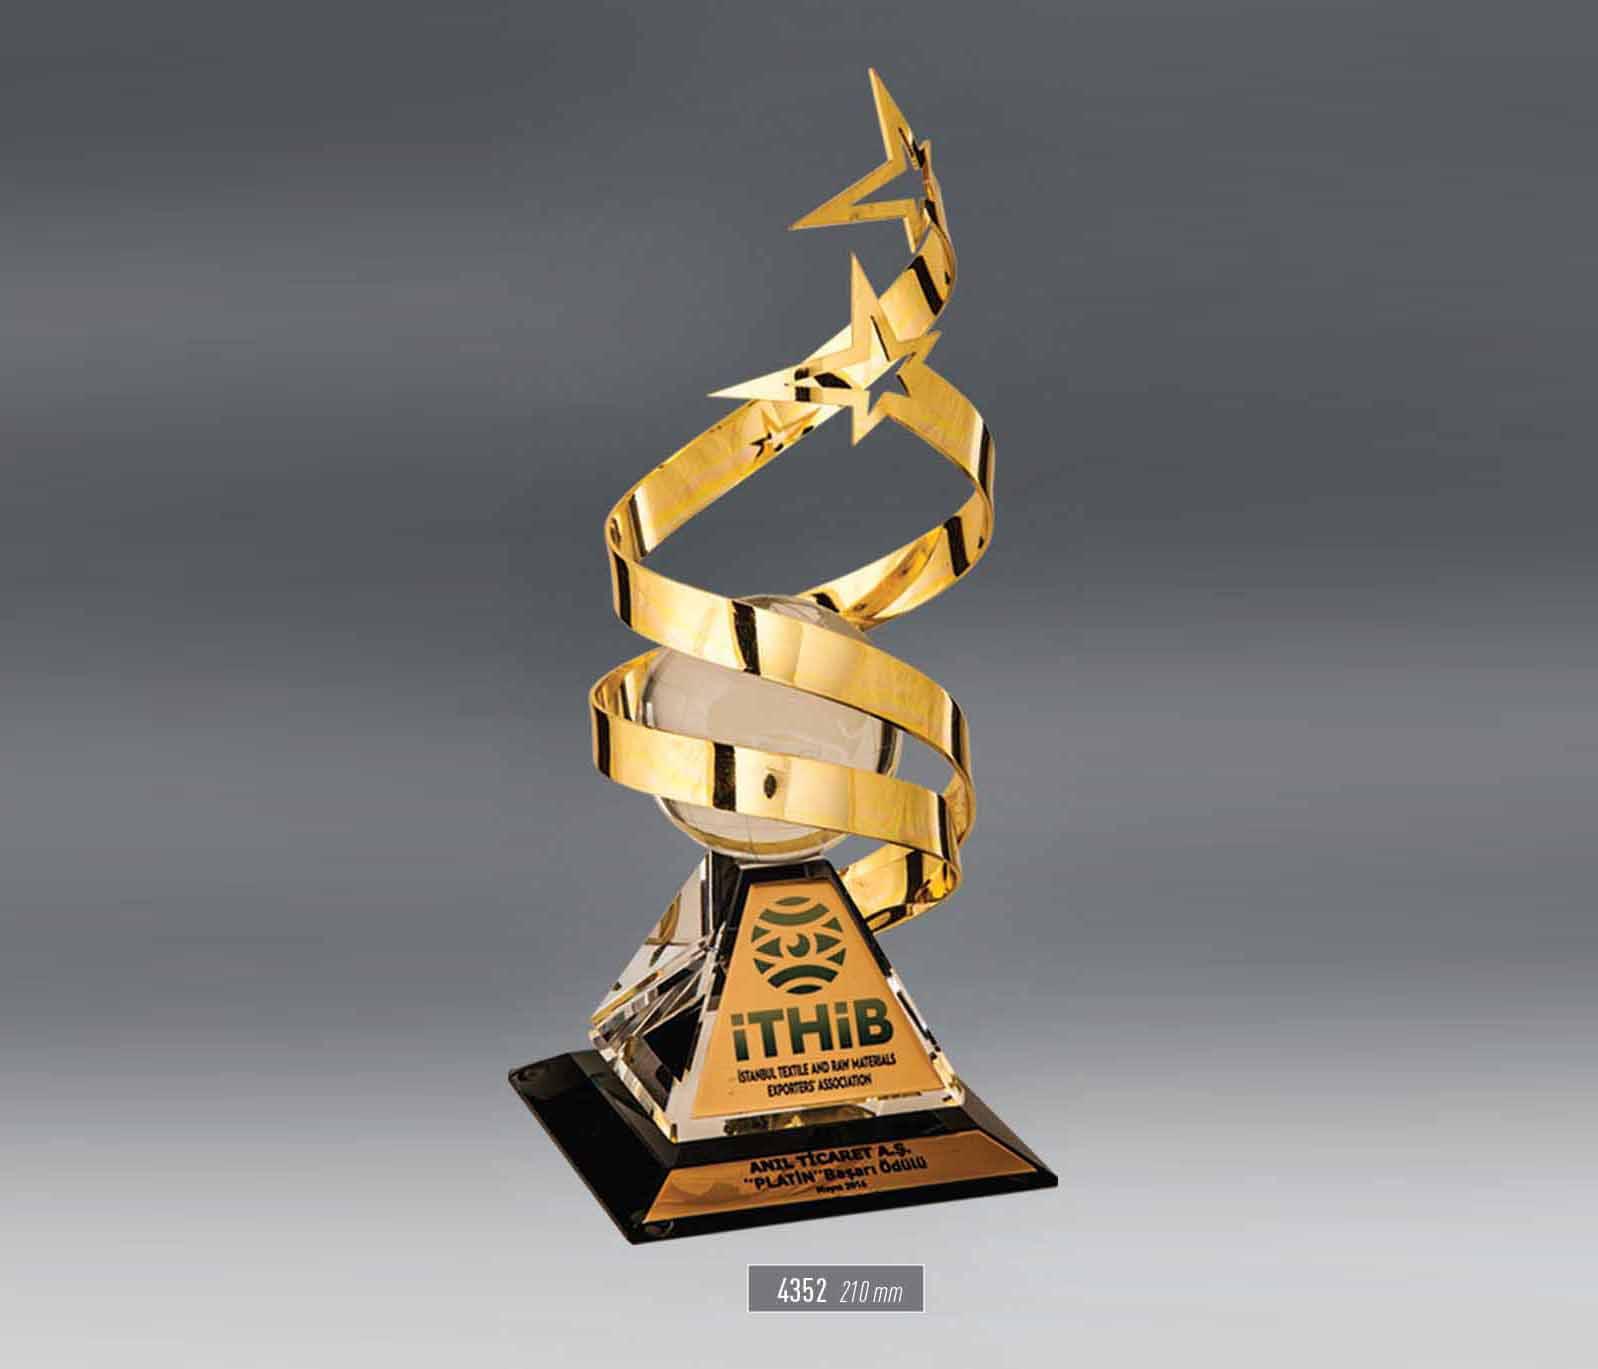 4352 - Award